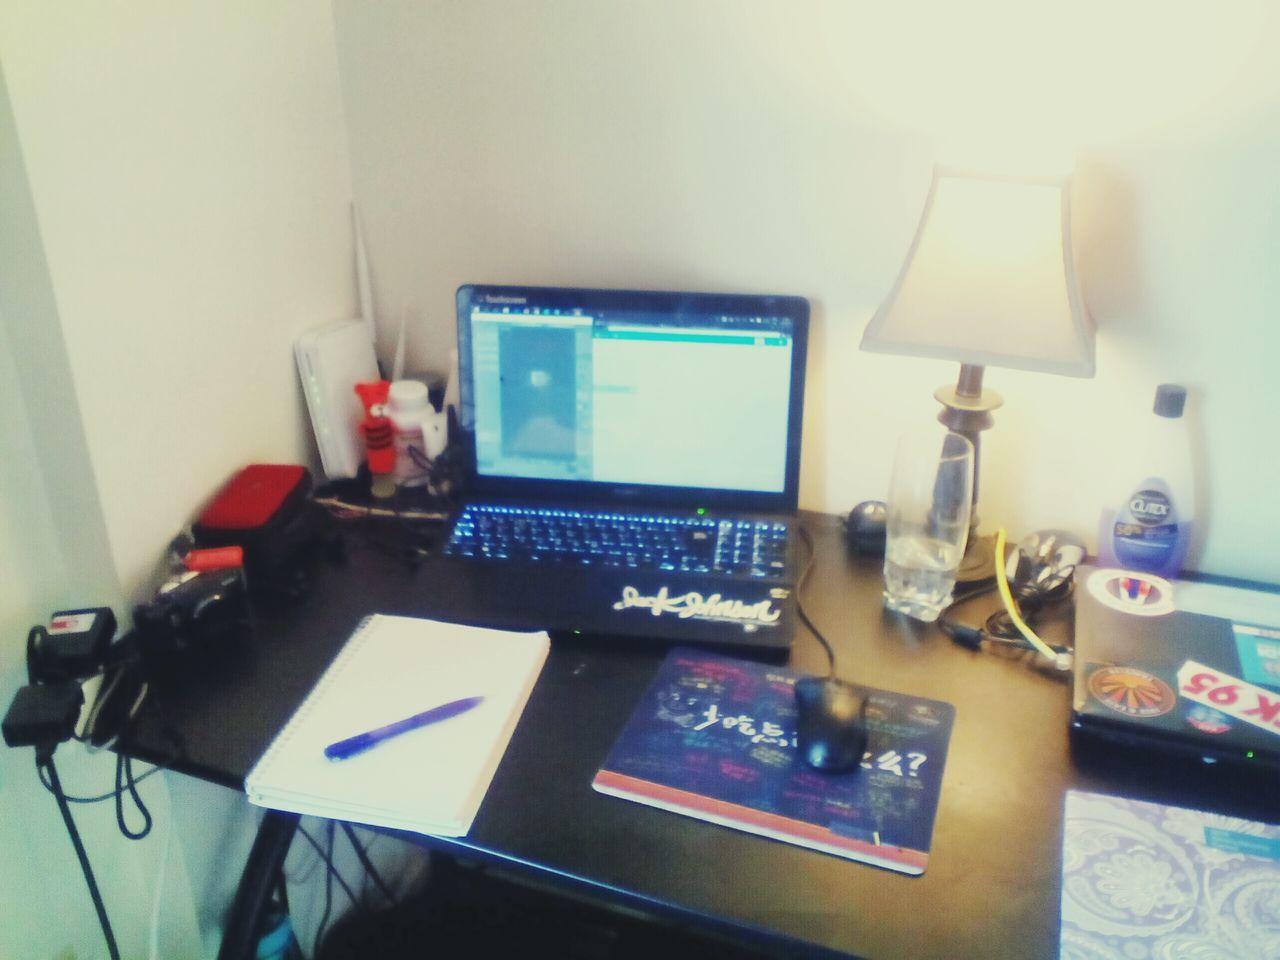 Ours Home My Desk Workshop GIMP Photo Editor Blender Freelance Life Mention